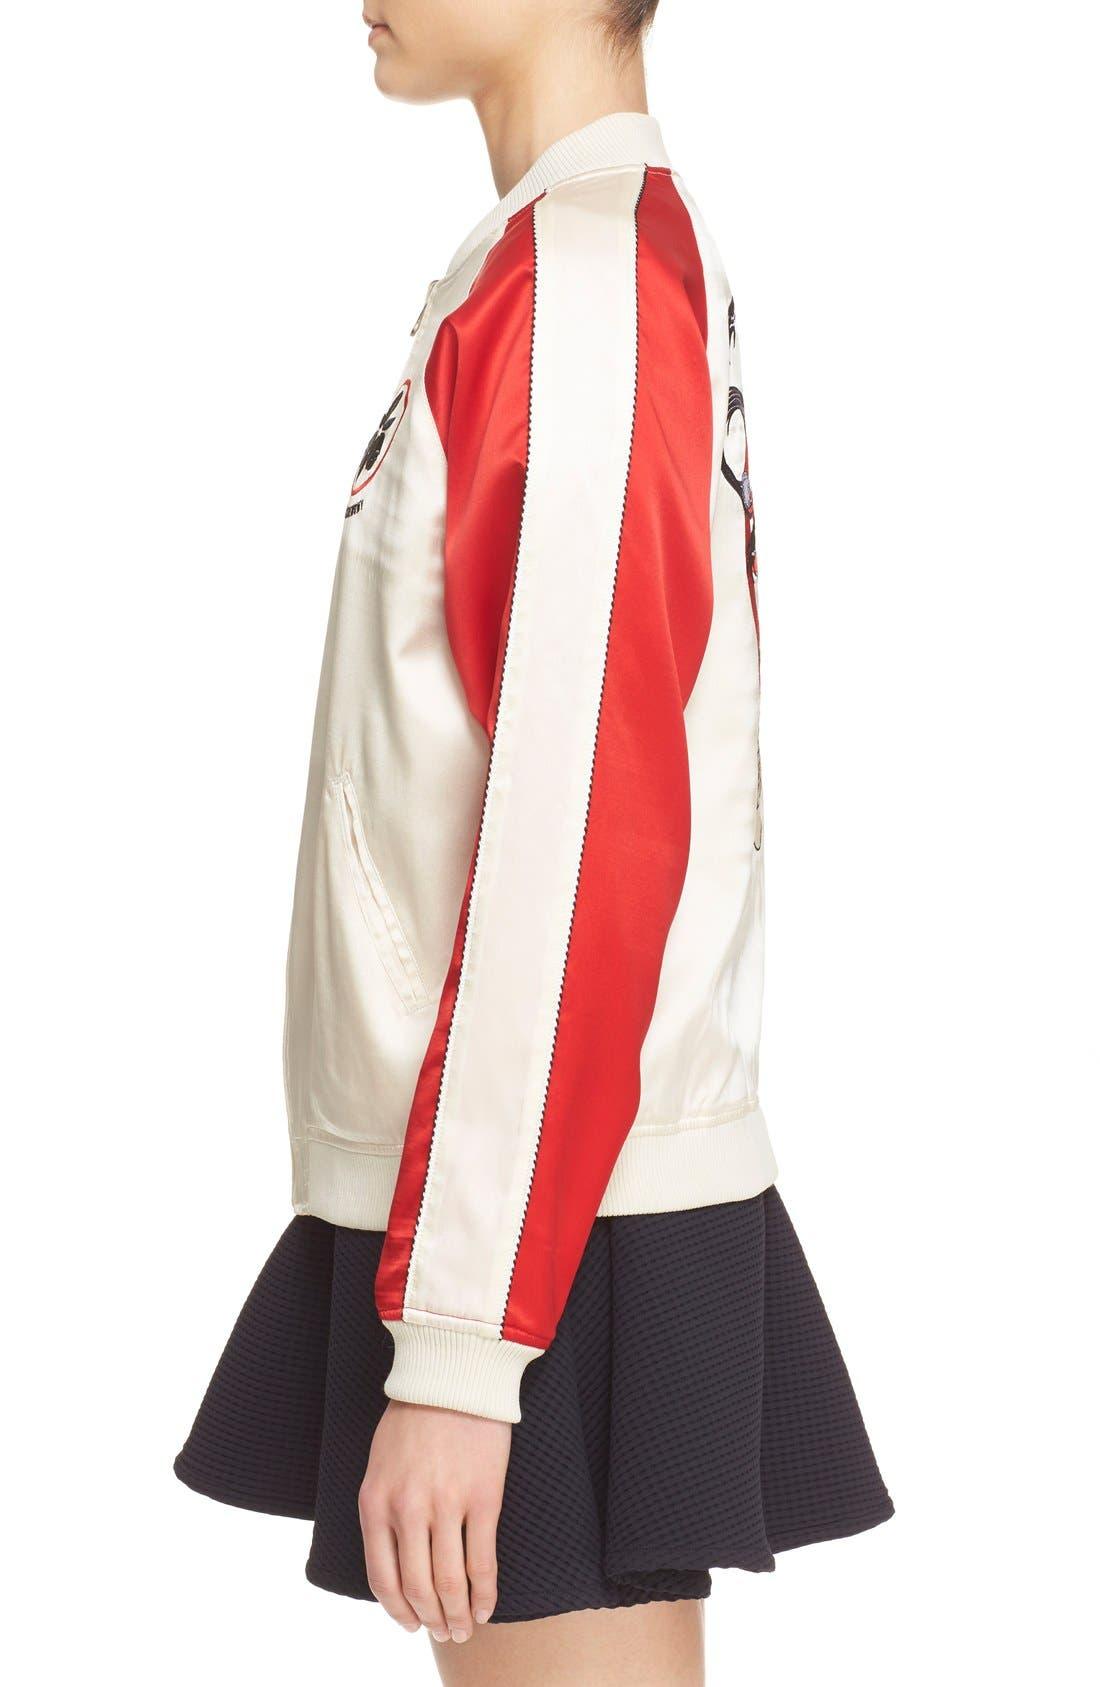 Alternate Image 3  - Opening Ceremony 'Yokai' Embroidered Reversible Bomber Jacket